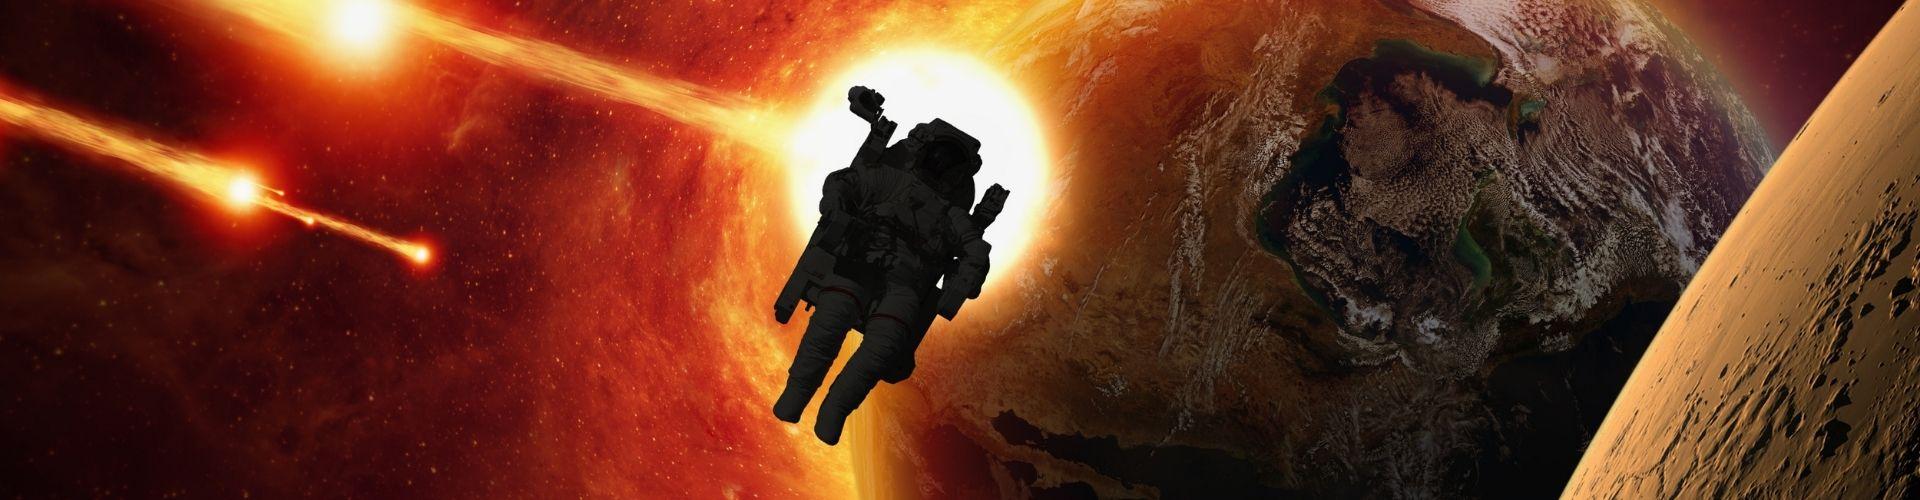 Missione su Marte - Escape Room Virtuale - Copertina